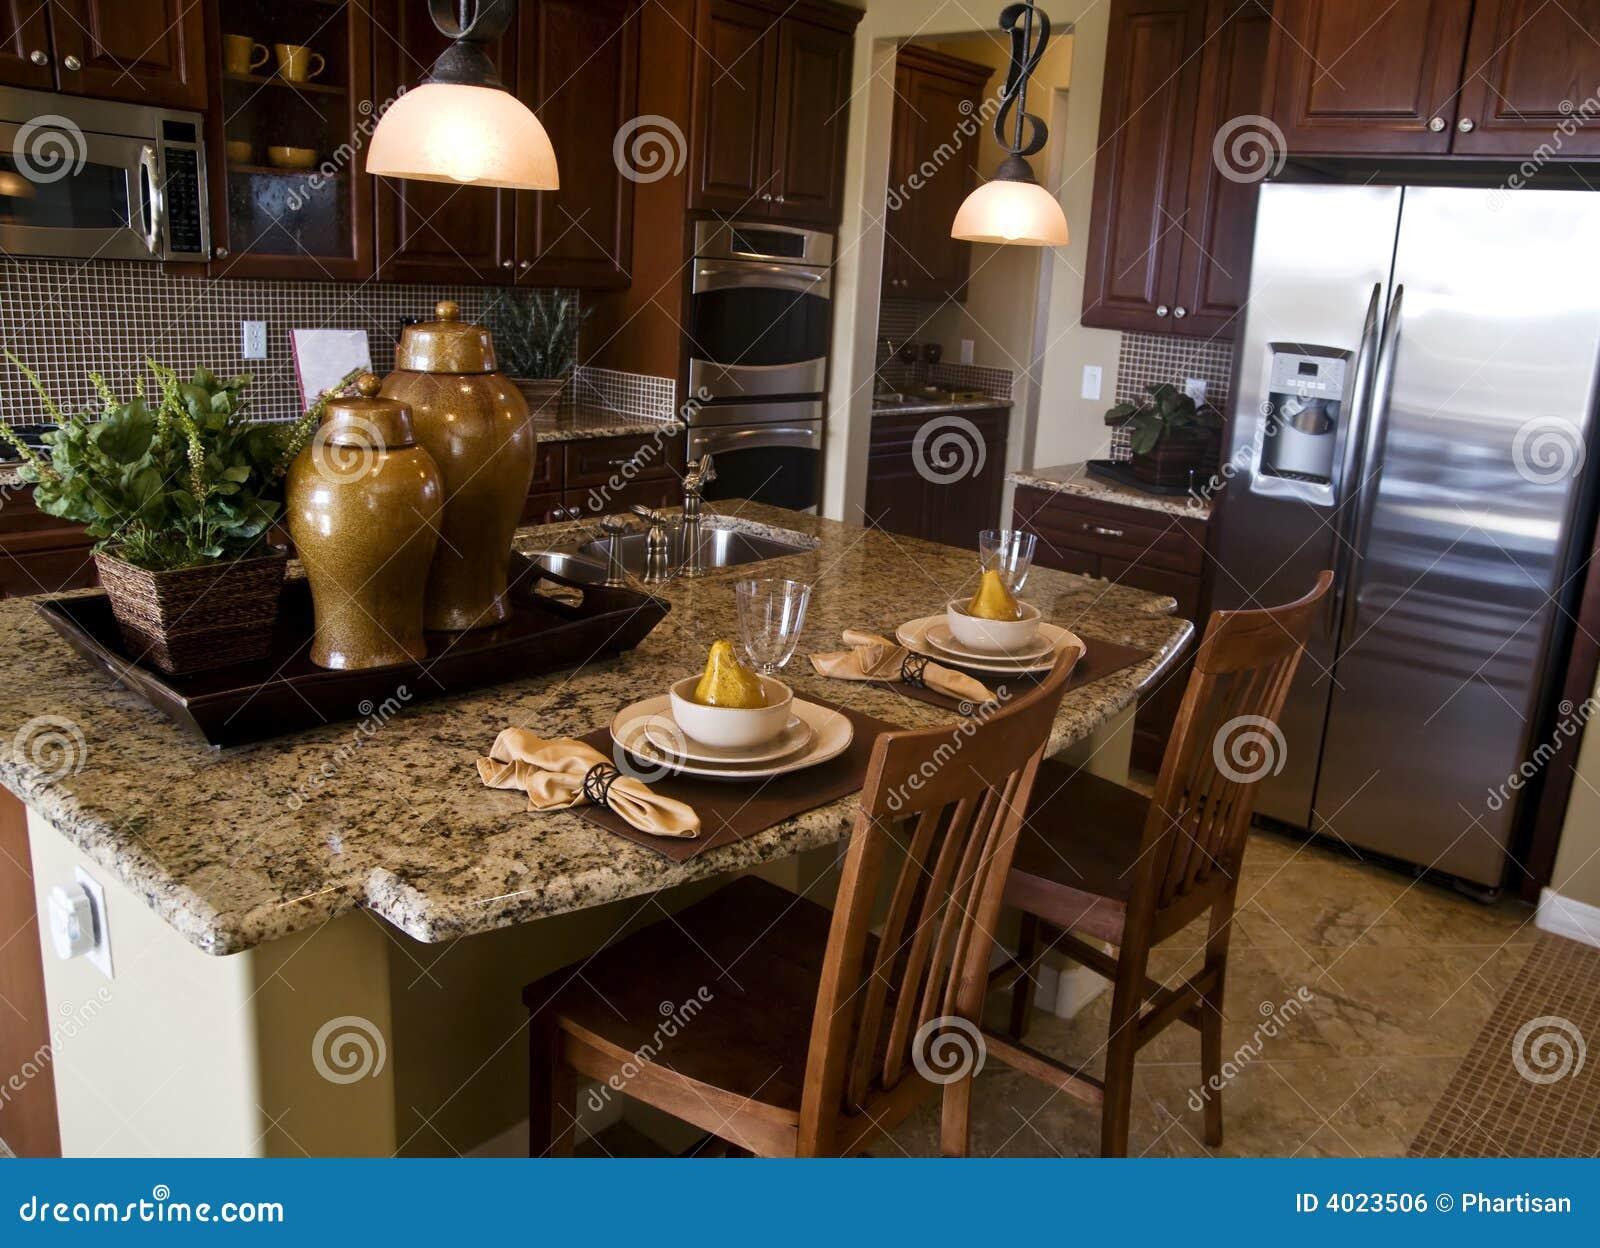 Projeto Interior Da Cozinha Moderna Imagem de Stock Royalty Free  #986E33 1300 1031